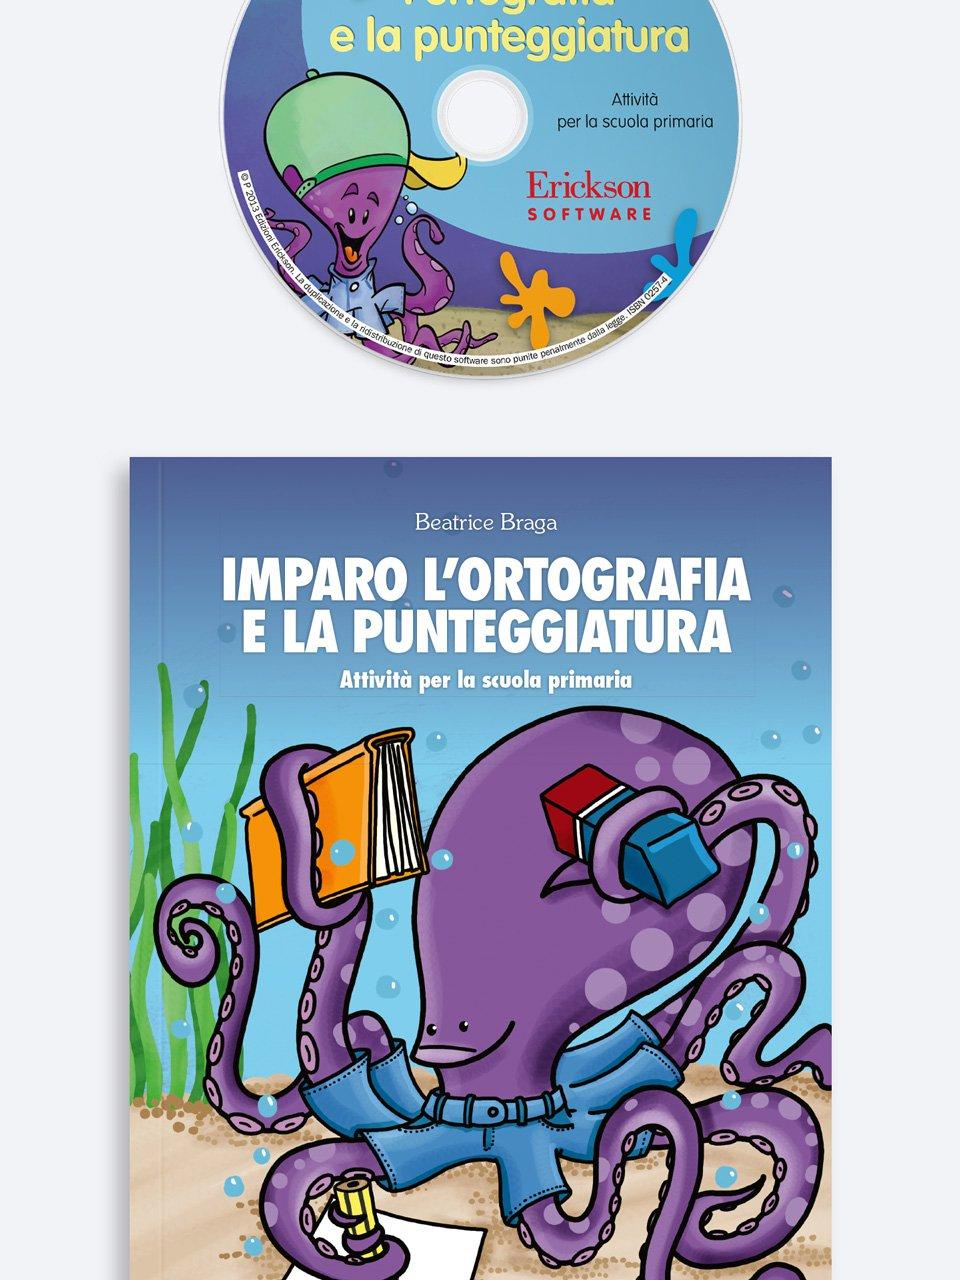 Imparo l'ortografia e la punteggiatura - Tablet delle regole di Italiano - Libri - Erickson 2